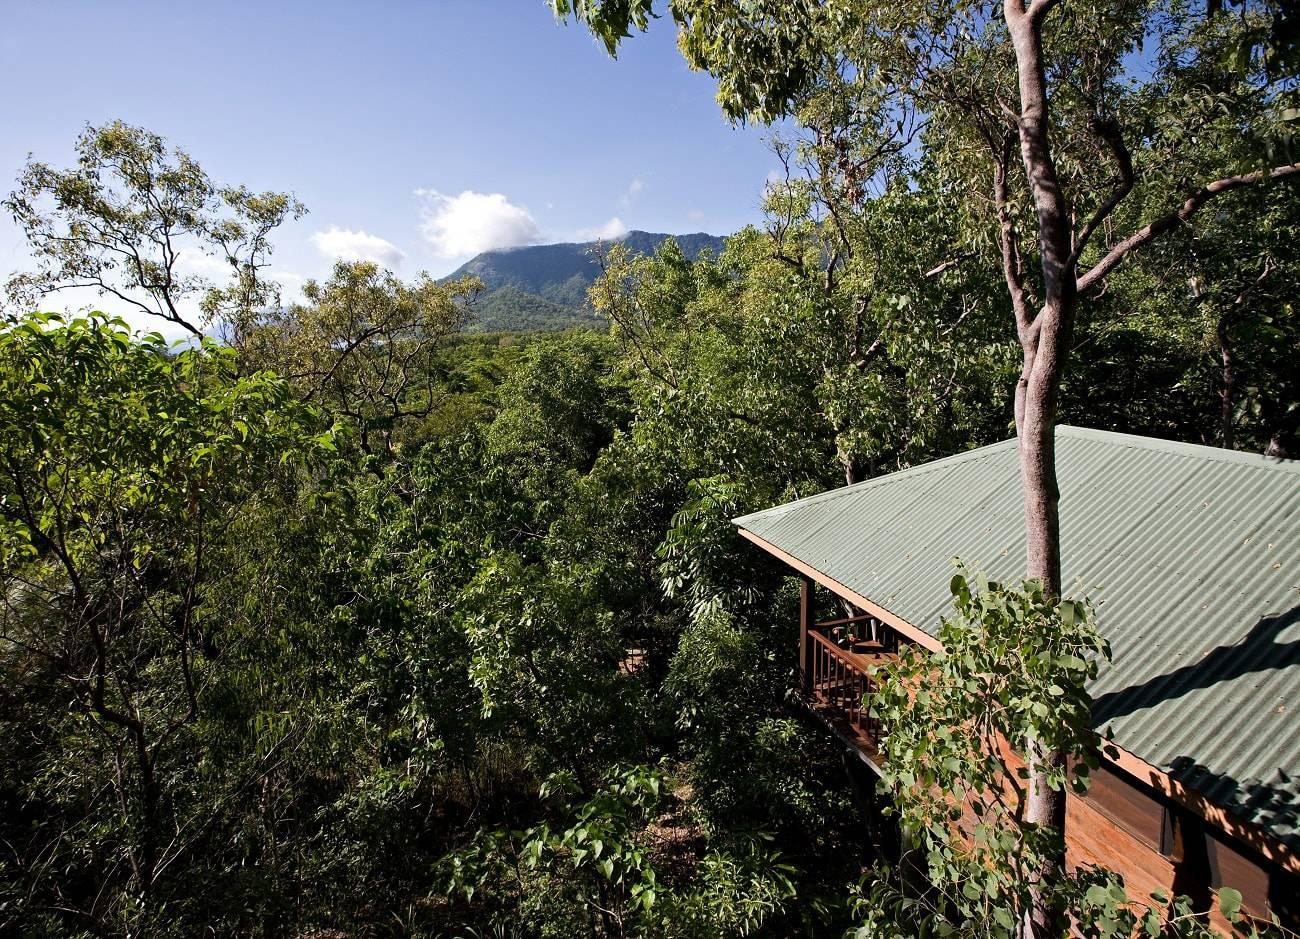 7 alojamientos ecológicos para disfrutar de la naturaleza 3